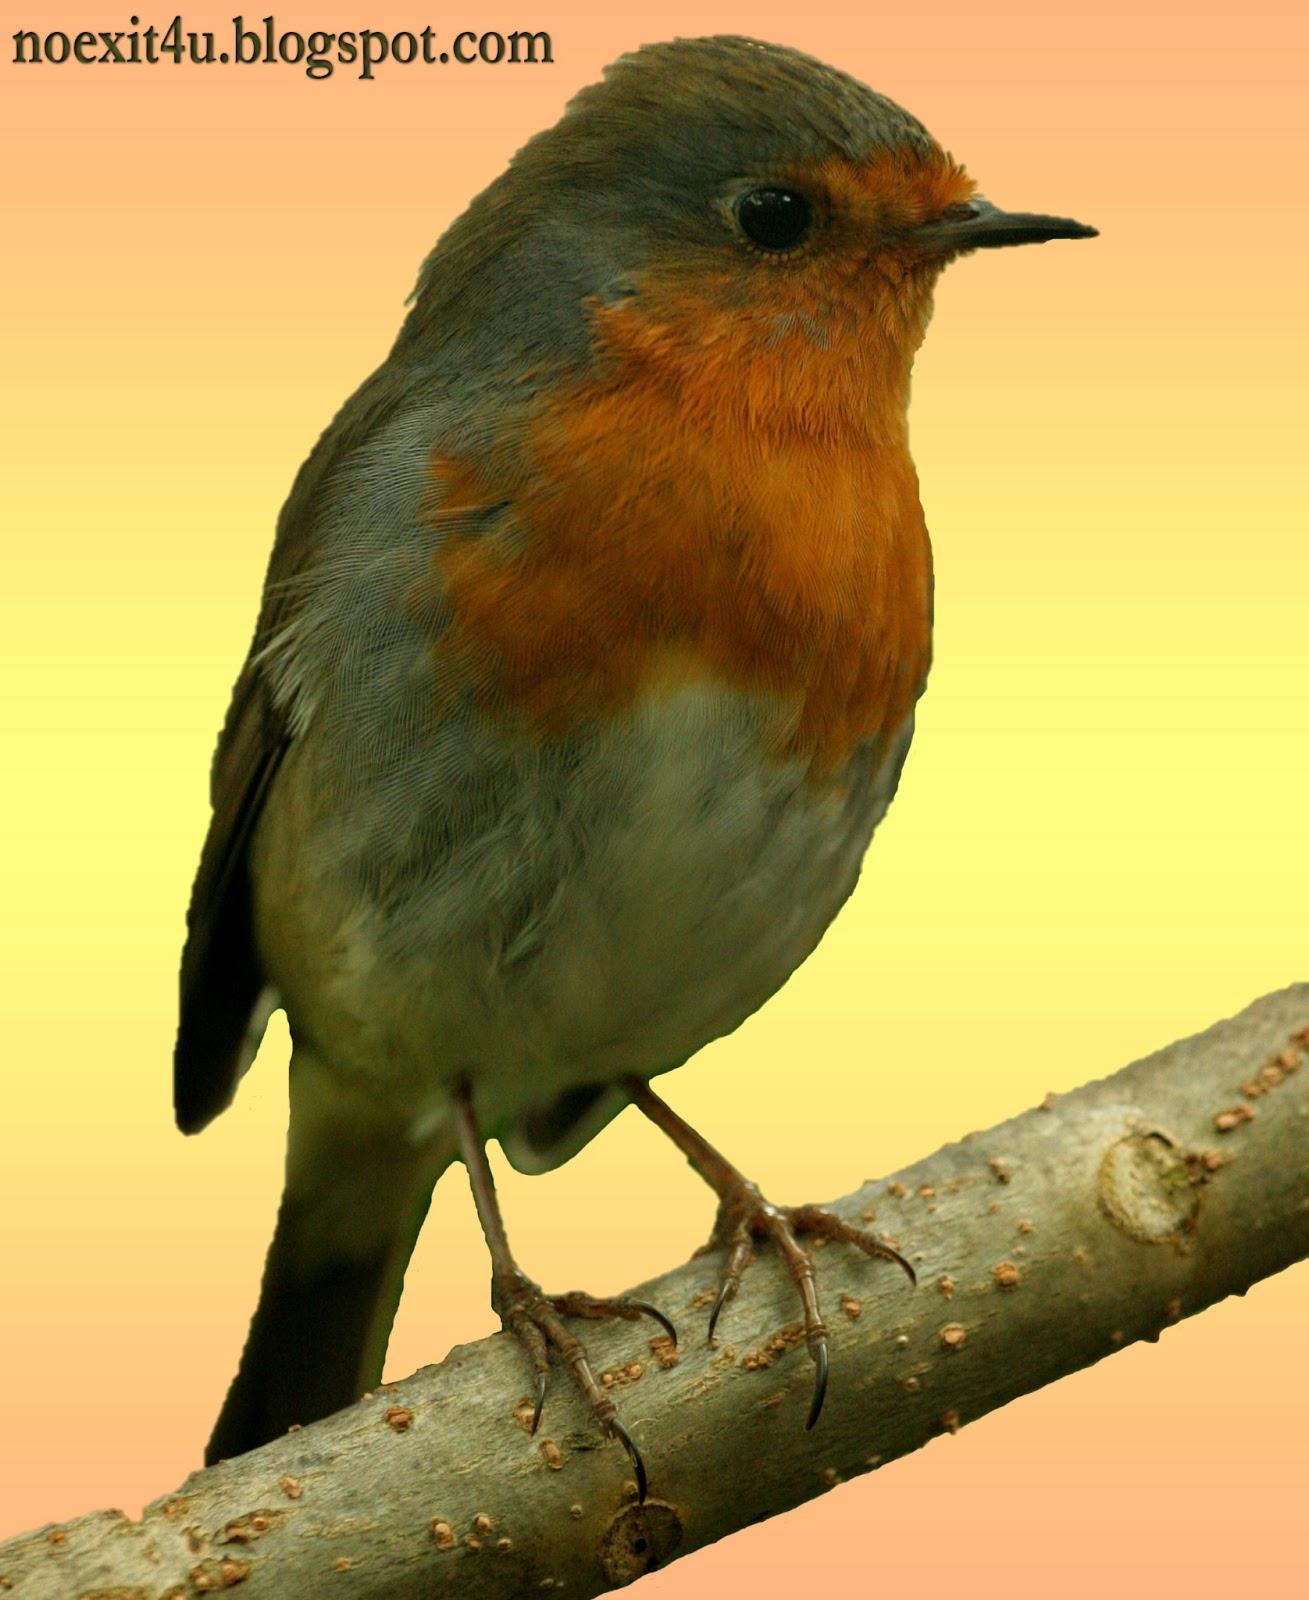 HIGH DEFINITION BIRD WALLPAPER